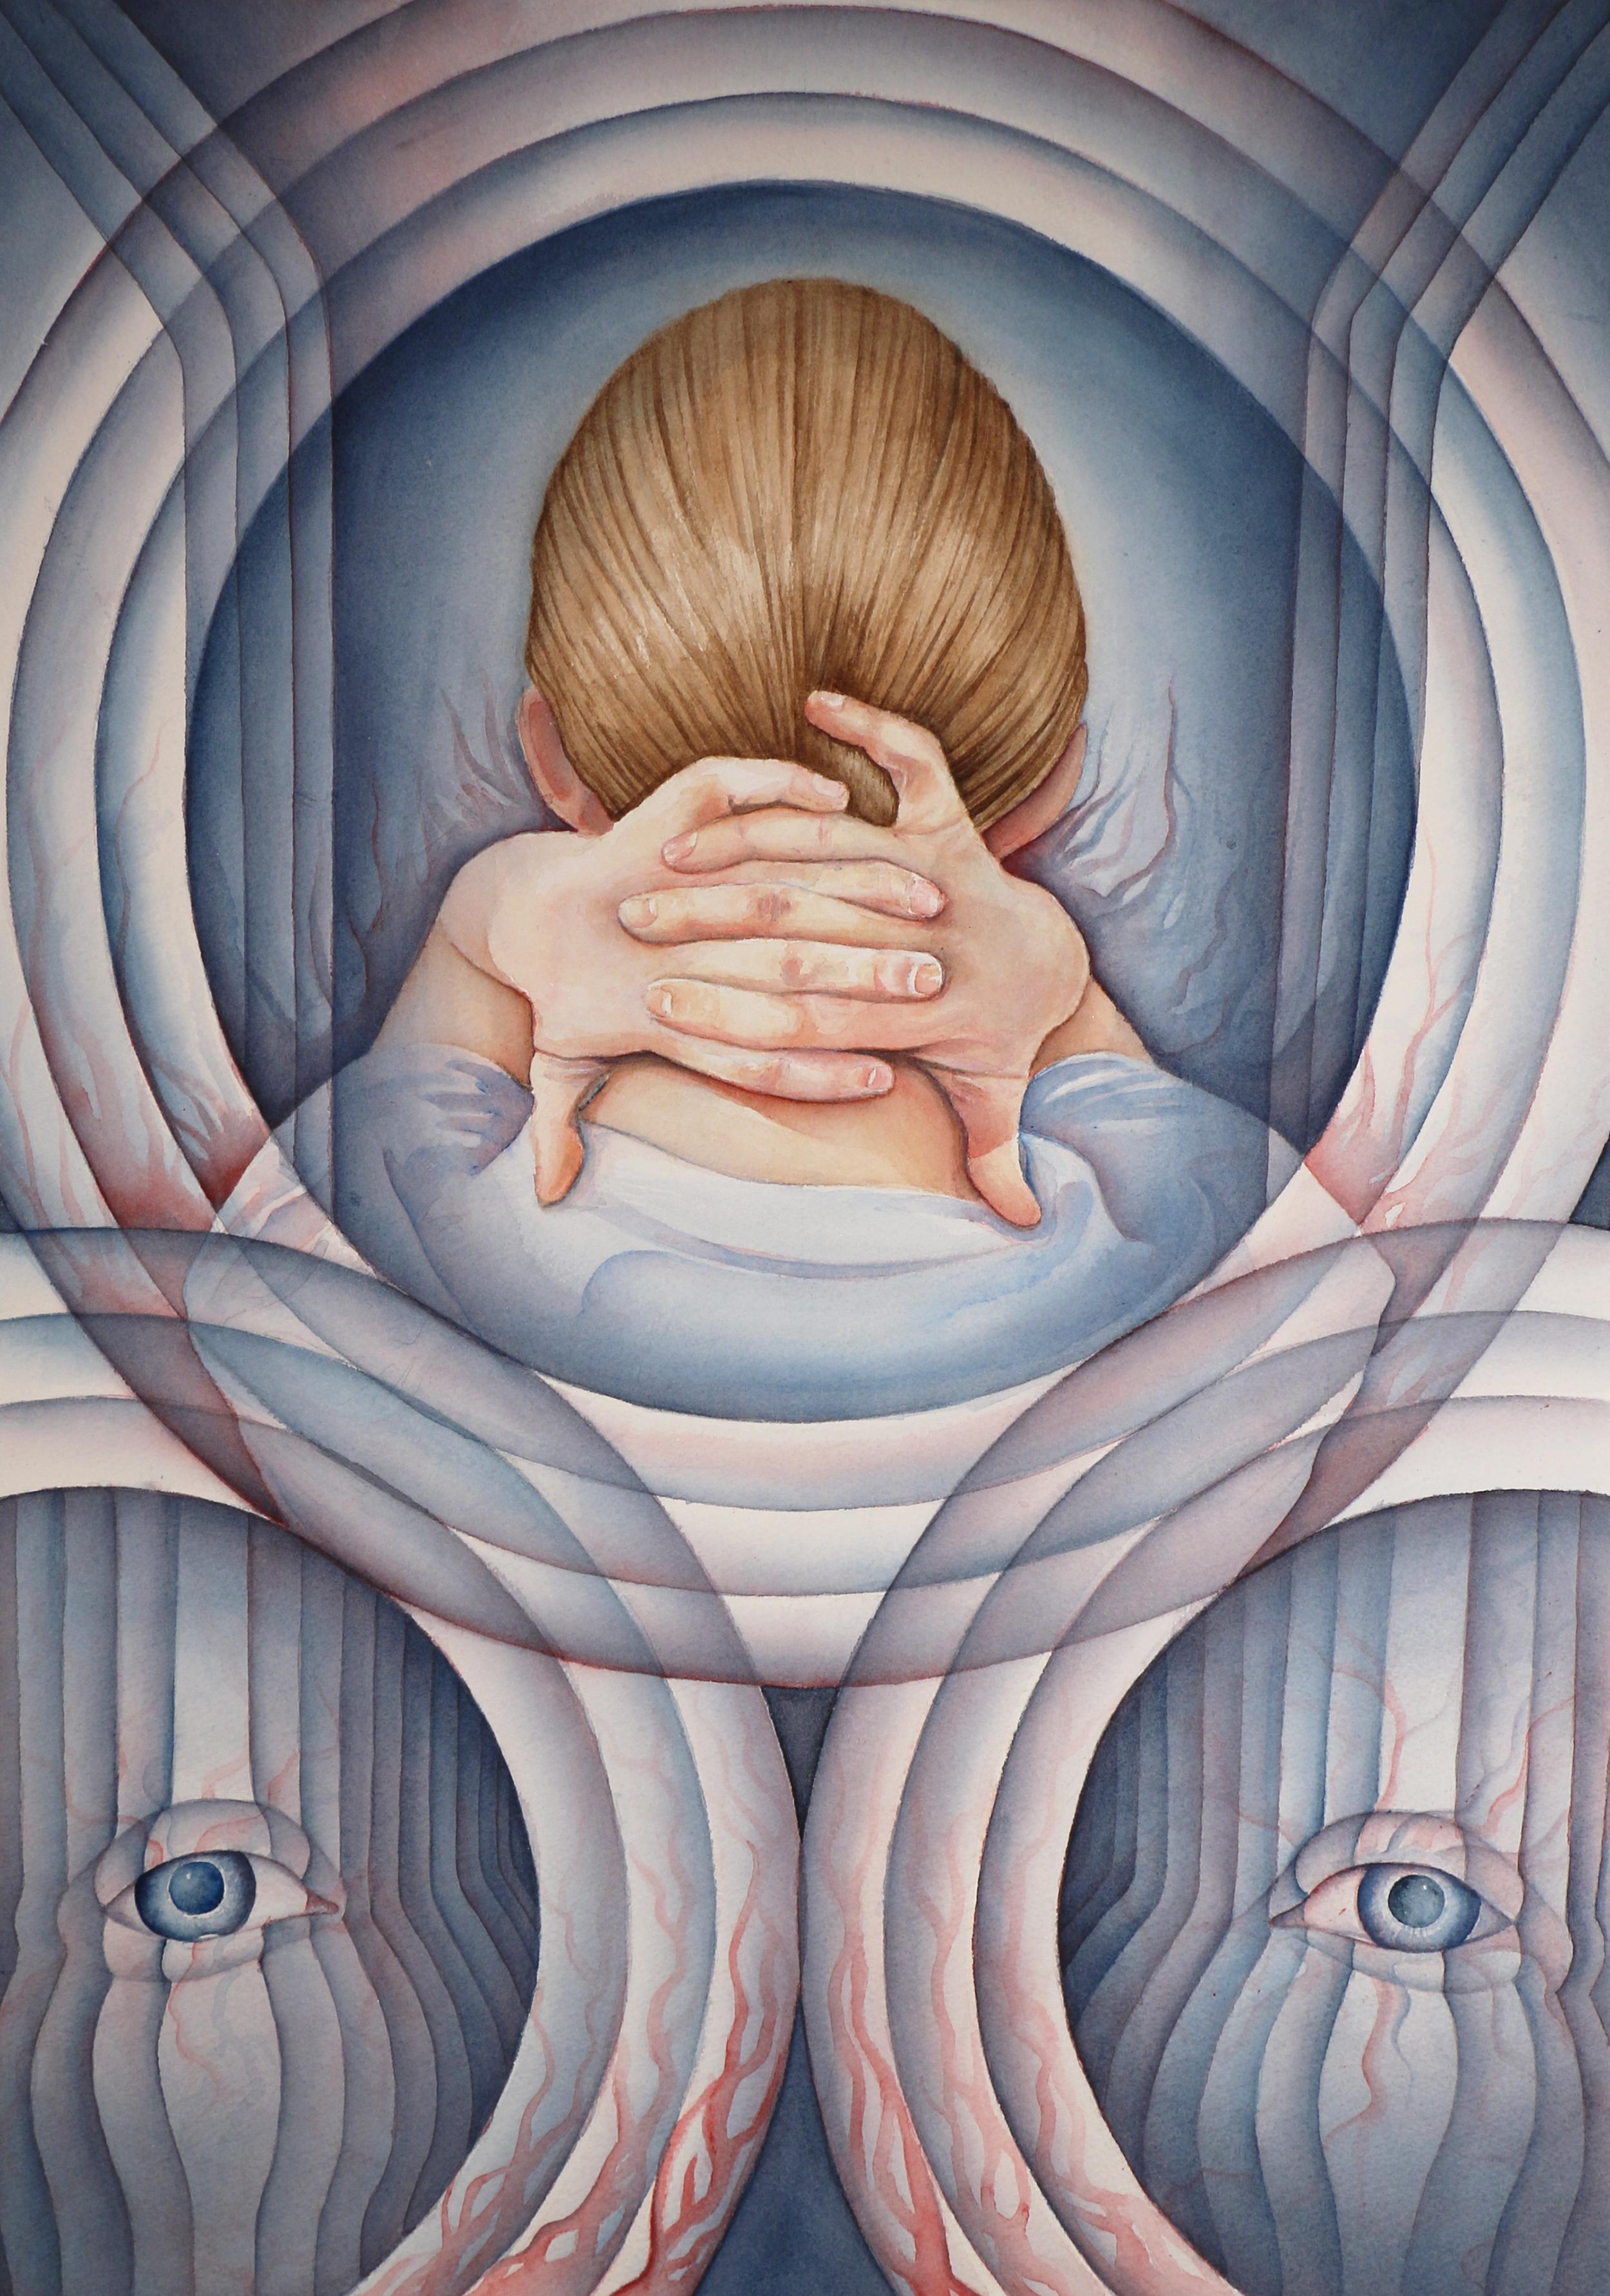 Eyes-of-Hope-by-Danielle-Morgan.jpg